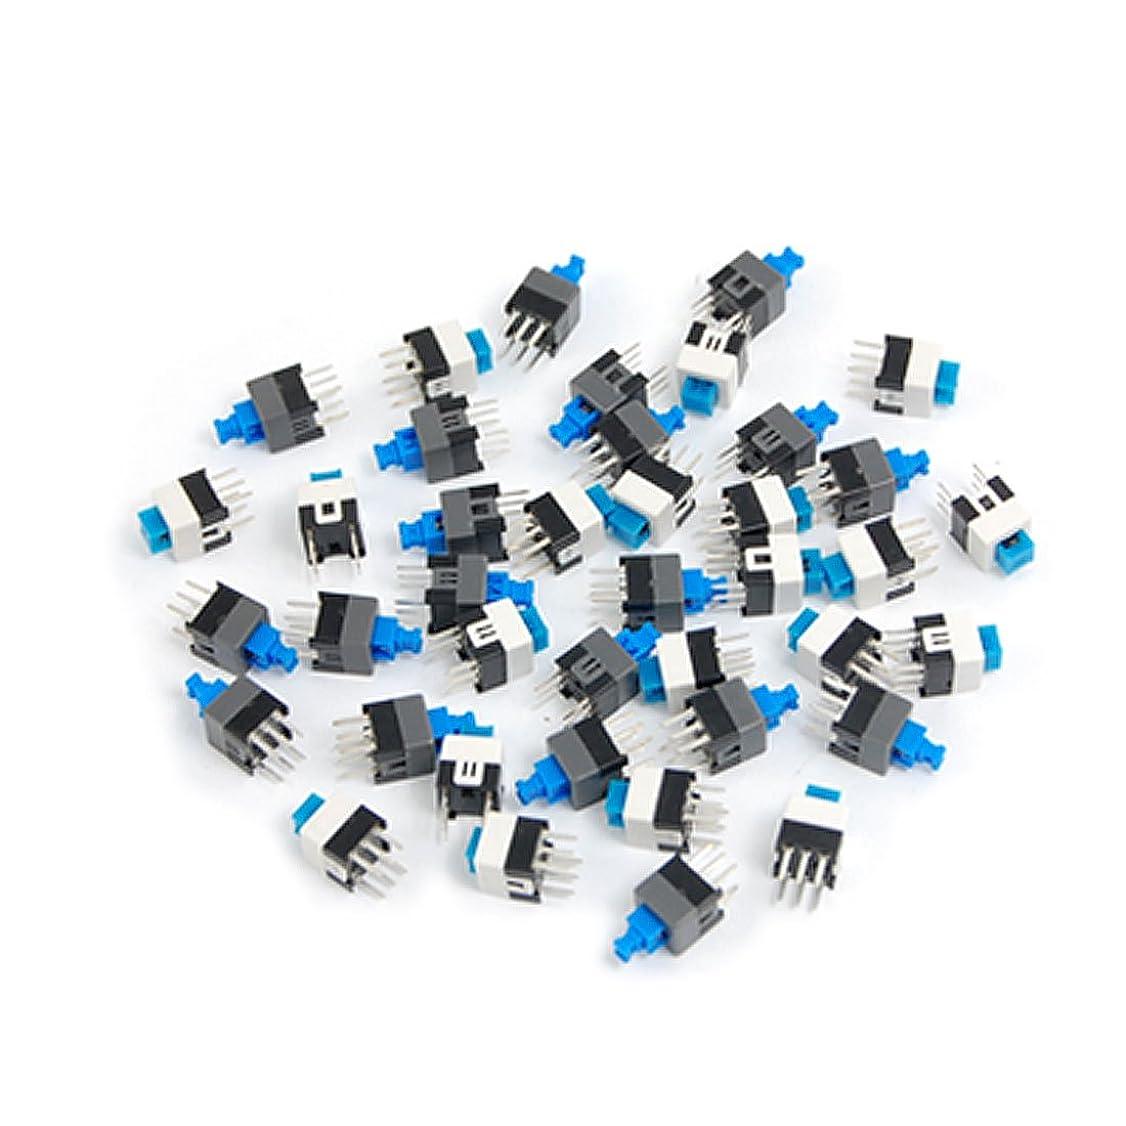 ジョージスティーブンソンティッシュセグメントuxcell タクトスイッチ ミニスイッチ PCB 触覚 プッシュボタン セルフロック 6ピンDIP 7 x 7mm 40個